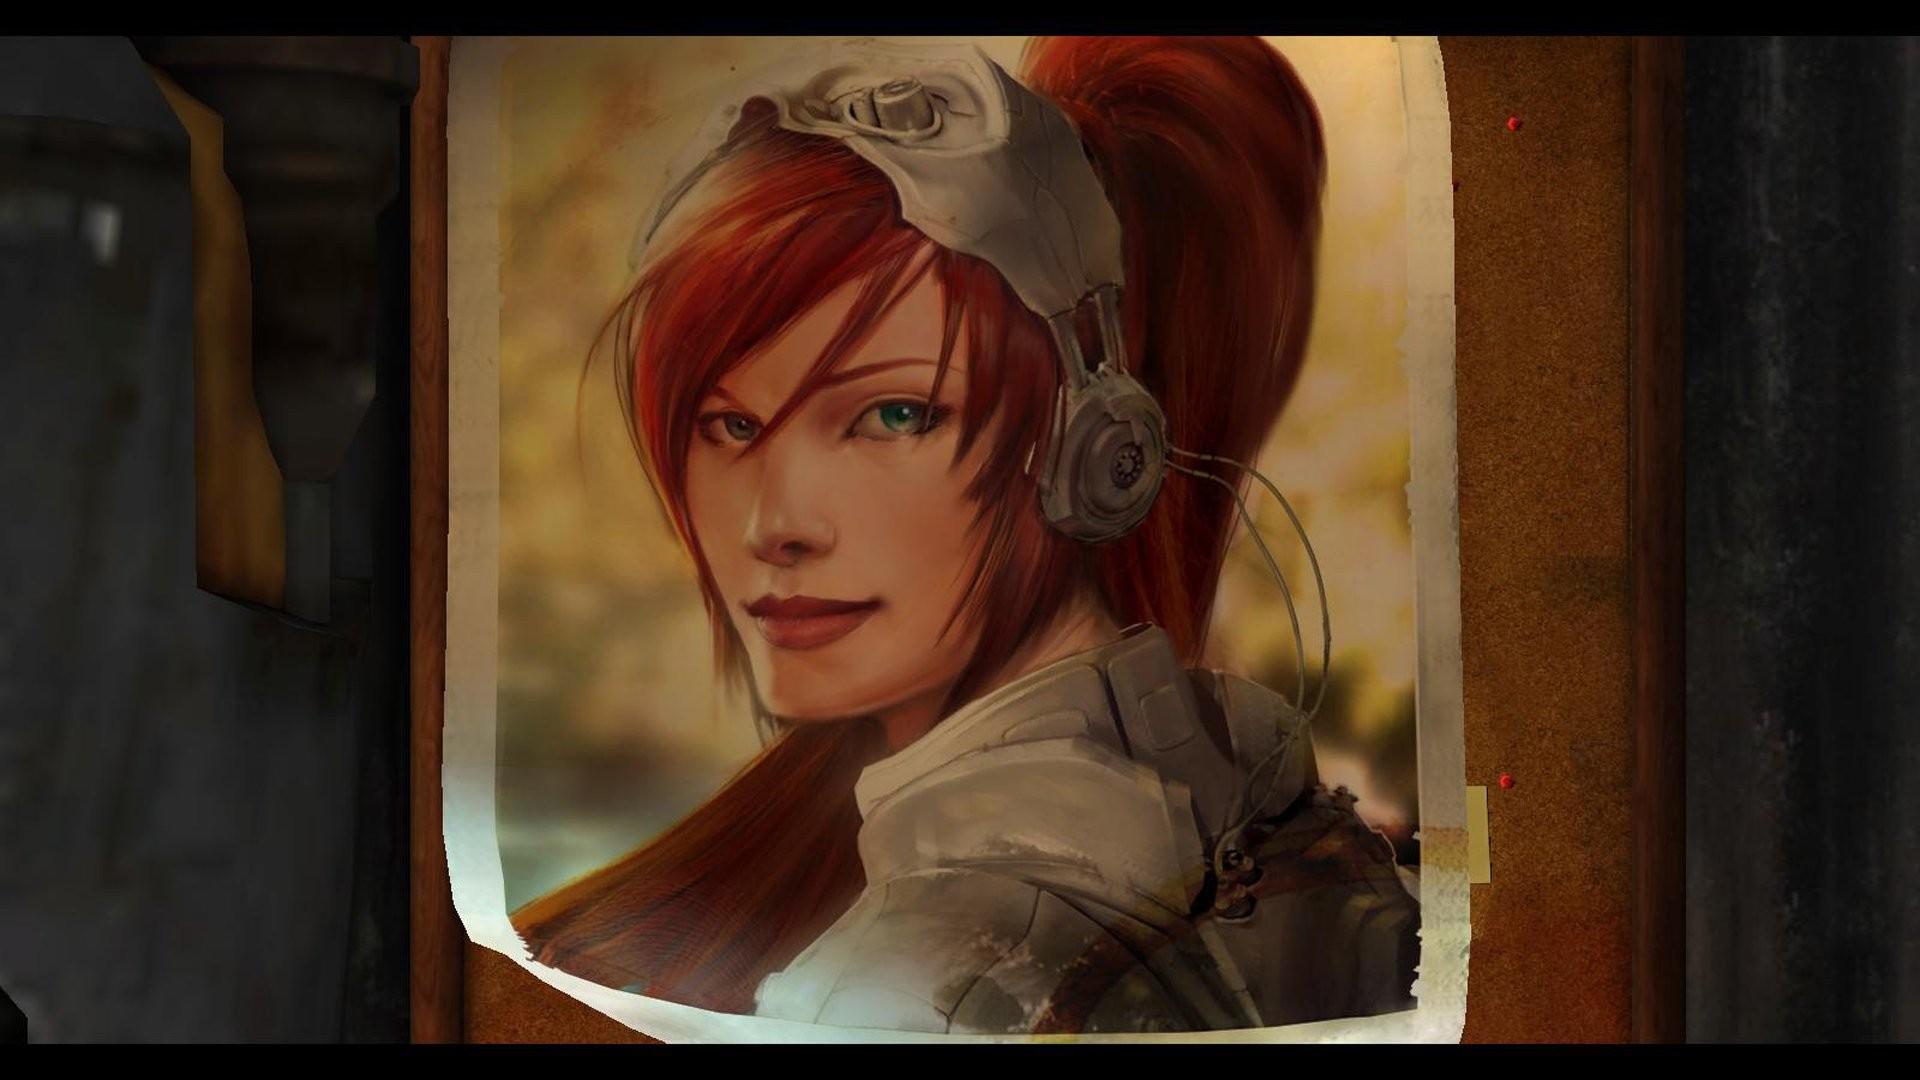 Video games posters Sarah Kerrigan Queen Of Blades StarCraft II wallpaper |  | 295738 | WallpaperUP